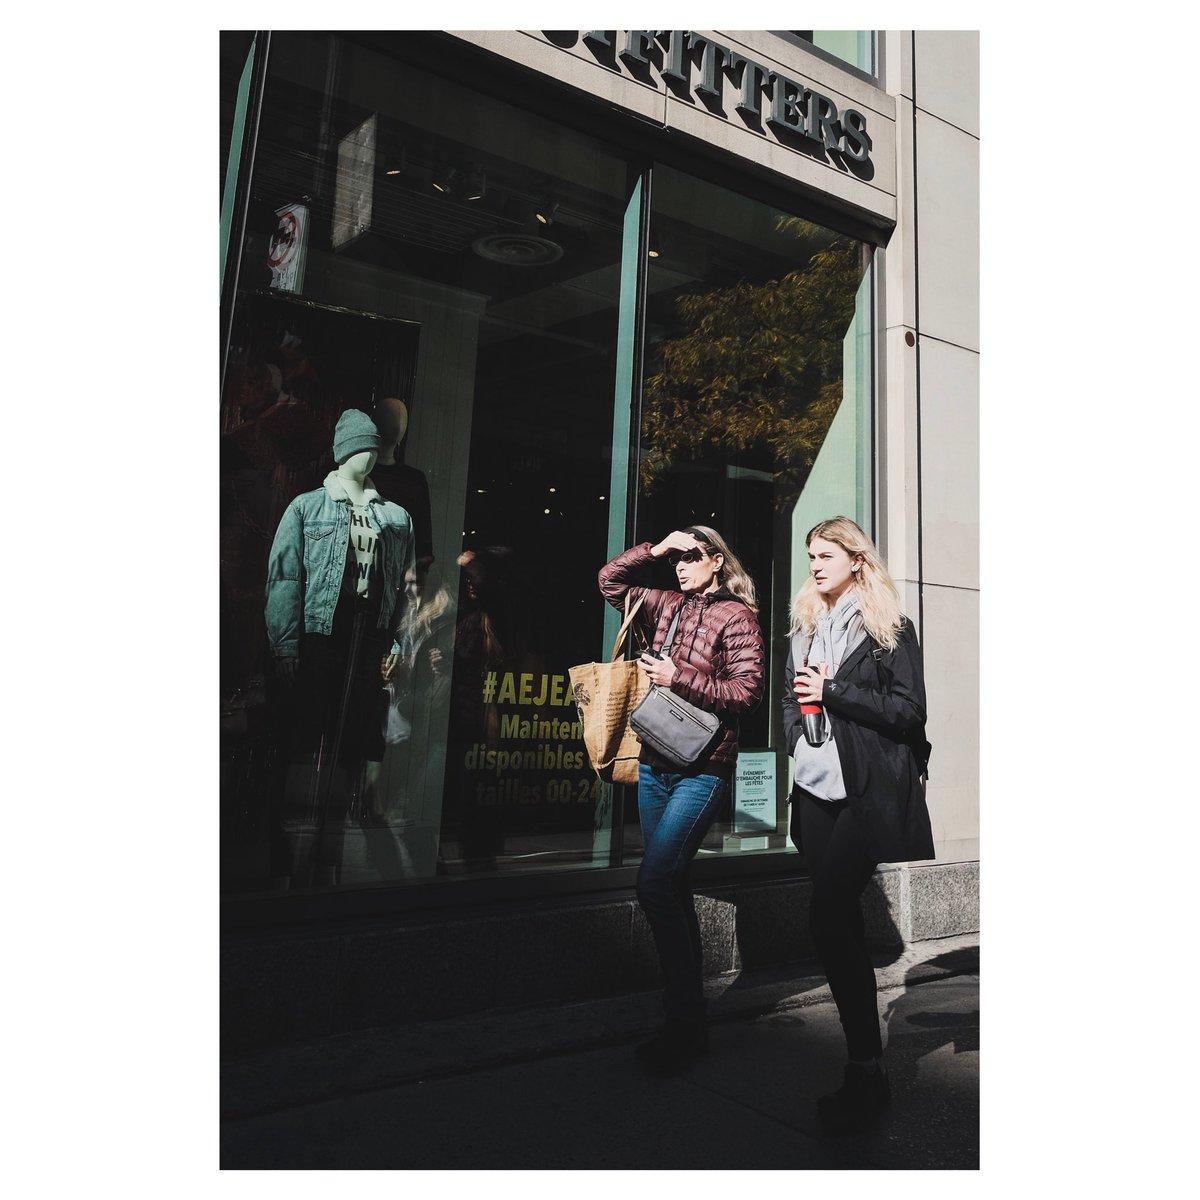 [ Shopping ] . . . . #reframedmag #classicchrome #espritmag #photocinematica #25bluehours #somewheremagazine #imaginarymagnitude #cinebible #fujiframez #weltraumzine #la_minimal #n8zine #takemagazine #WTNS #ithosmag #35mm #lekkerzine #dreamermagazine #portbox #broadmag